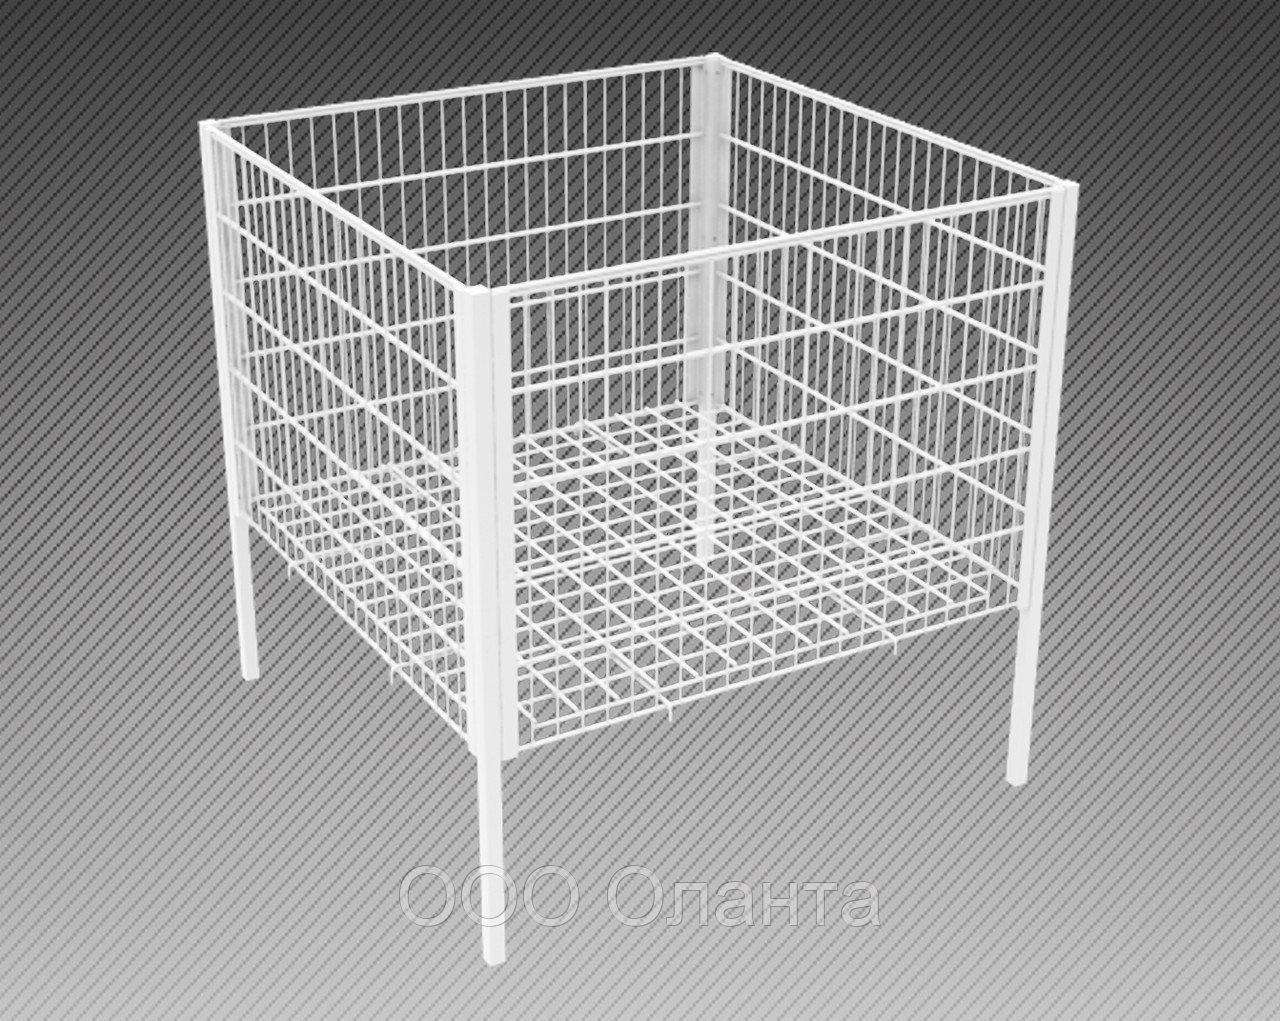 Стол для распродаж-накопитель c регулируемым дном усиленный (500х500х750 мм) крашенный арт. RS50/50